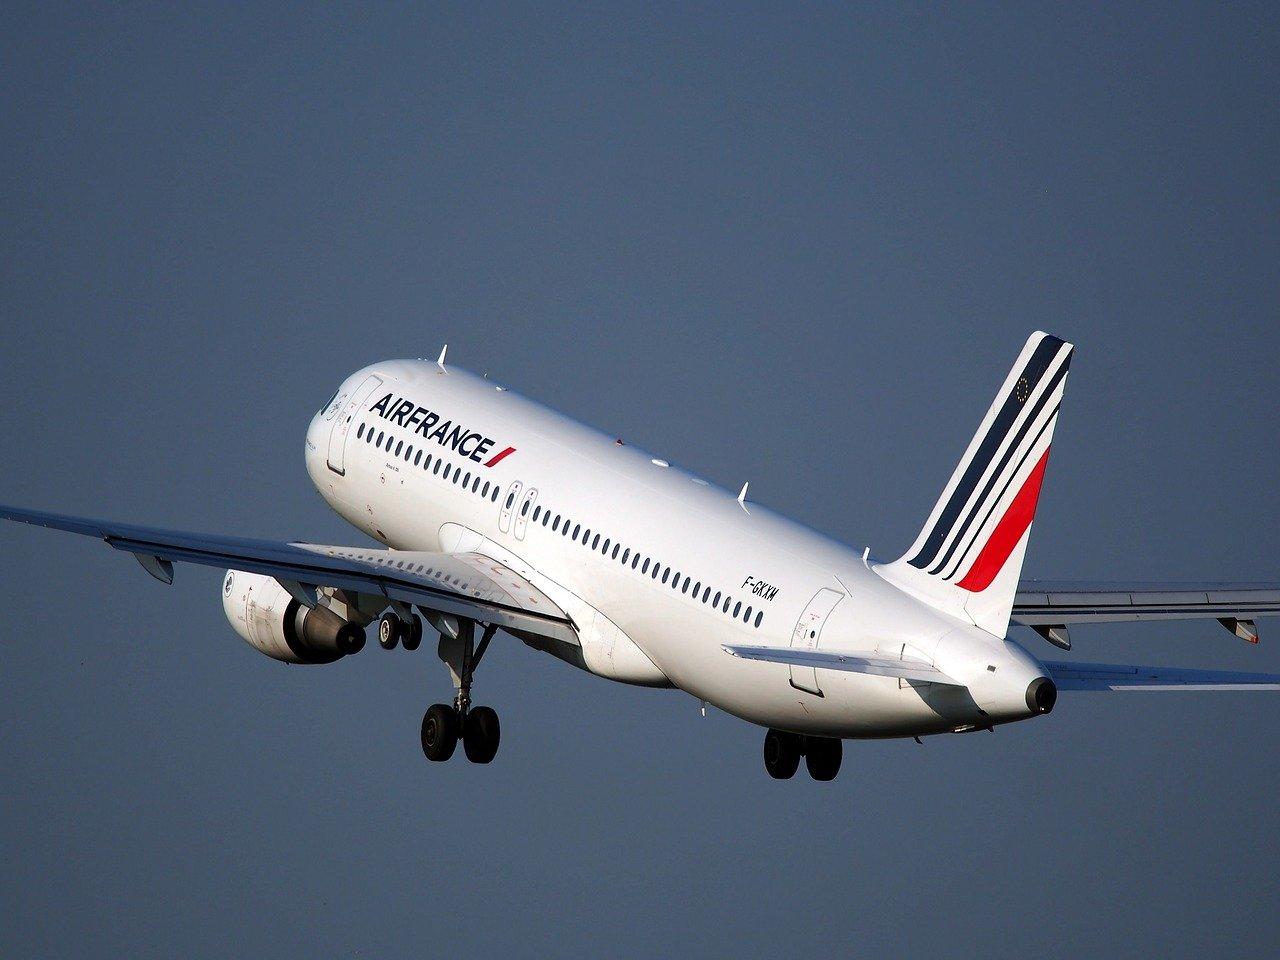 Nouvelles pertes importantes pour Air France-KLM